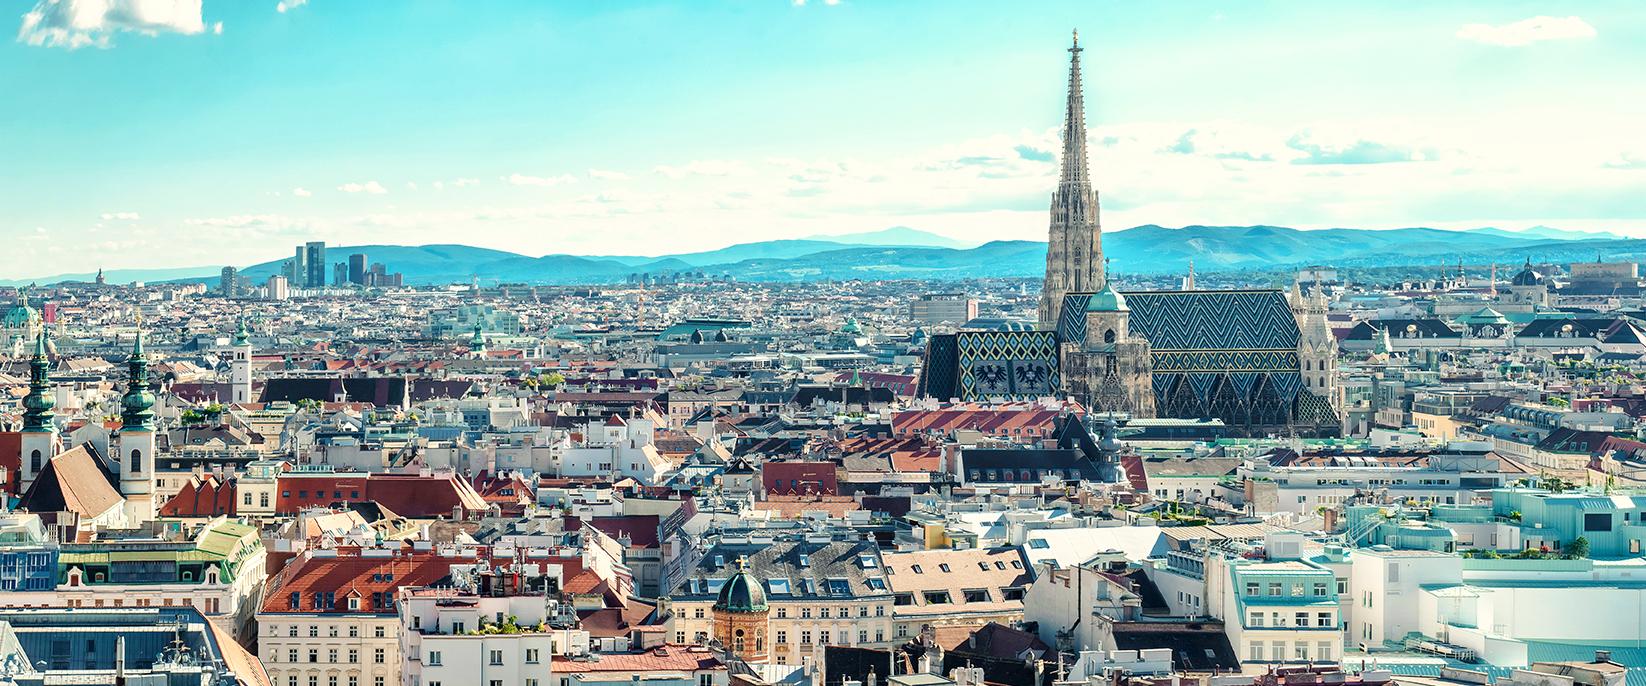 Erlebnisse Wien